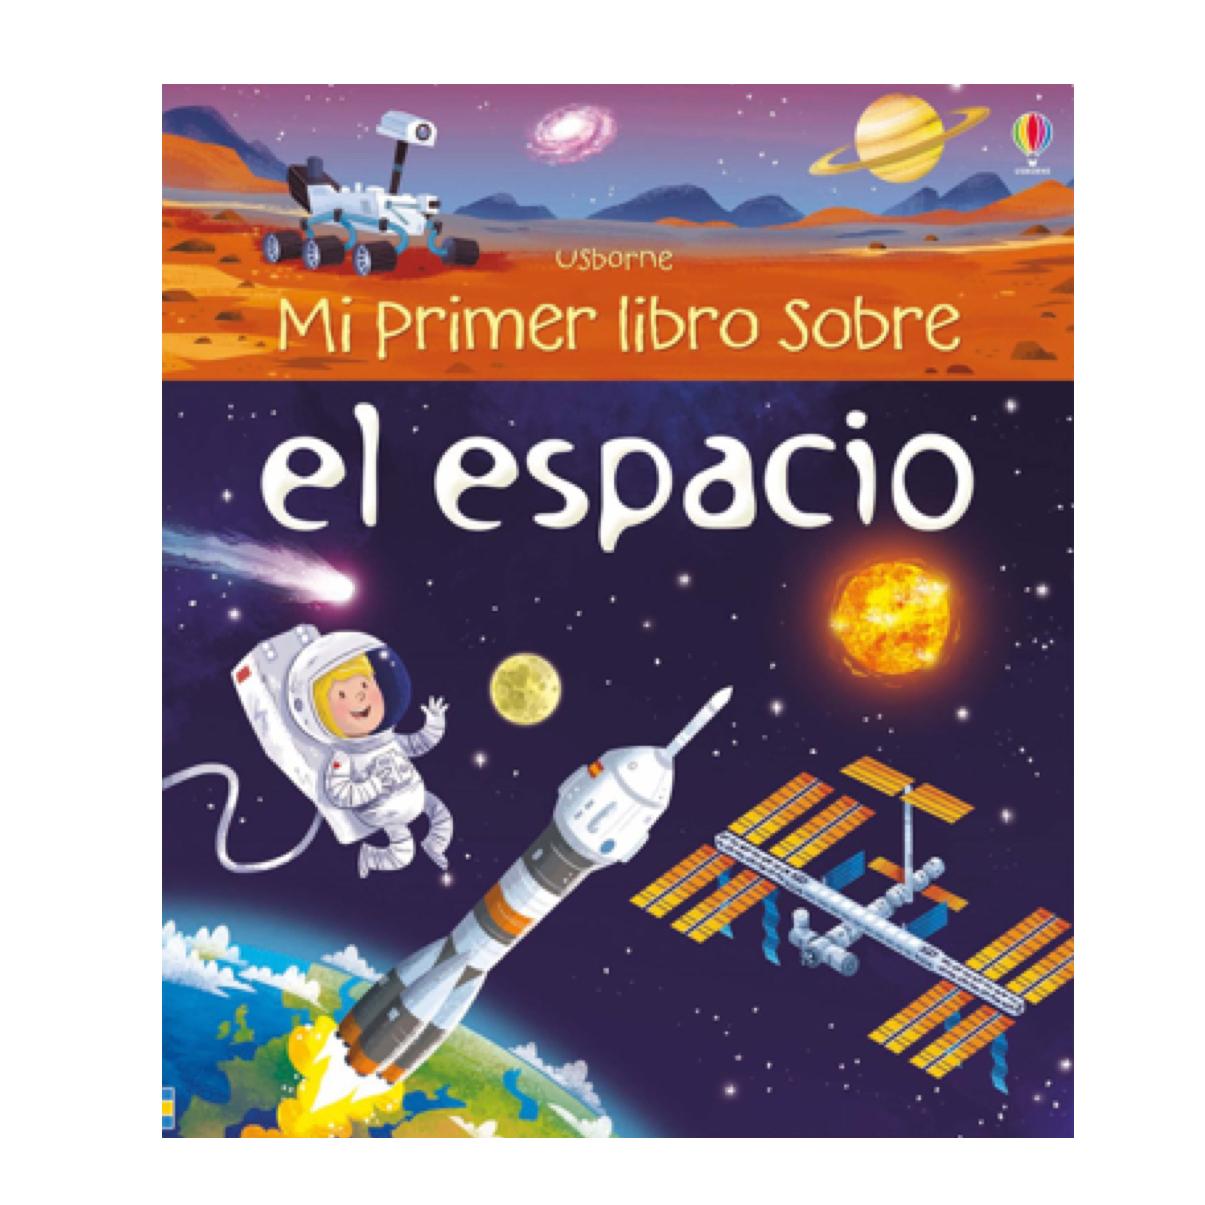 mi-primer-libro-sobre-el-espacio-de-usborne-en-el-mundo-de-mico